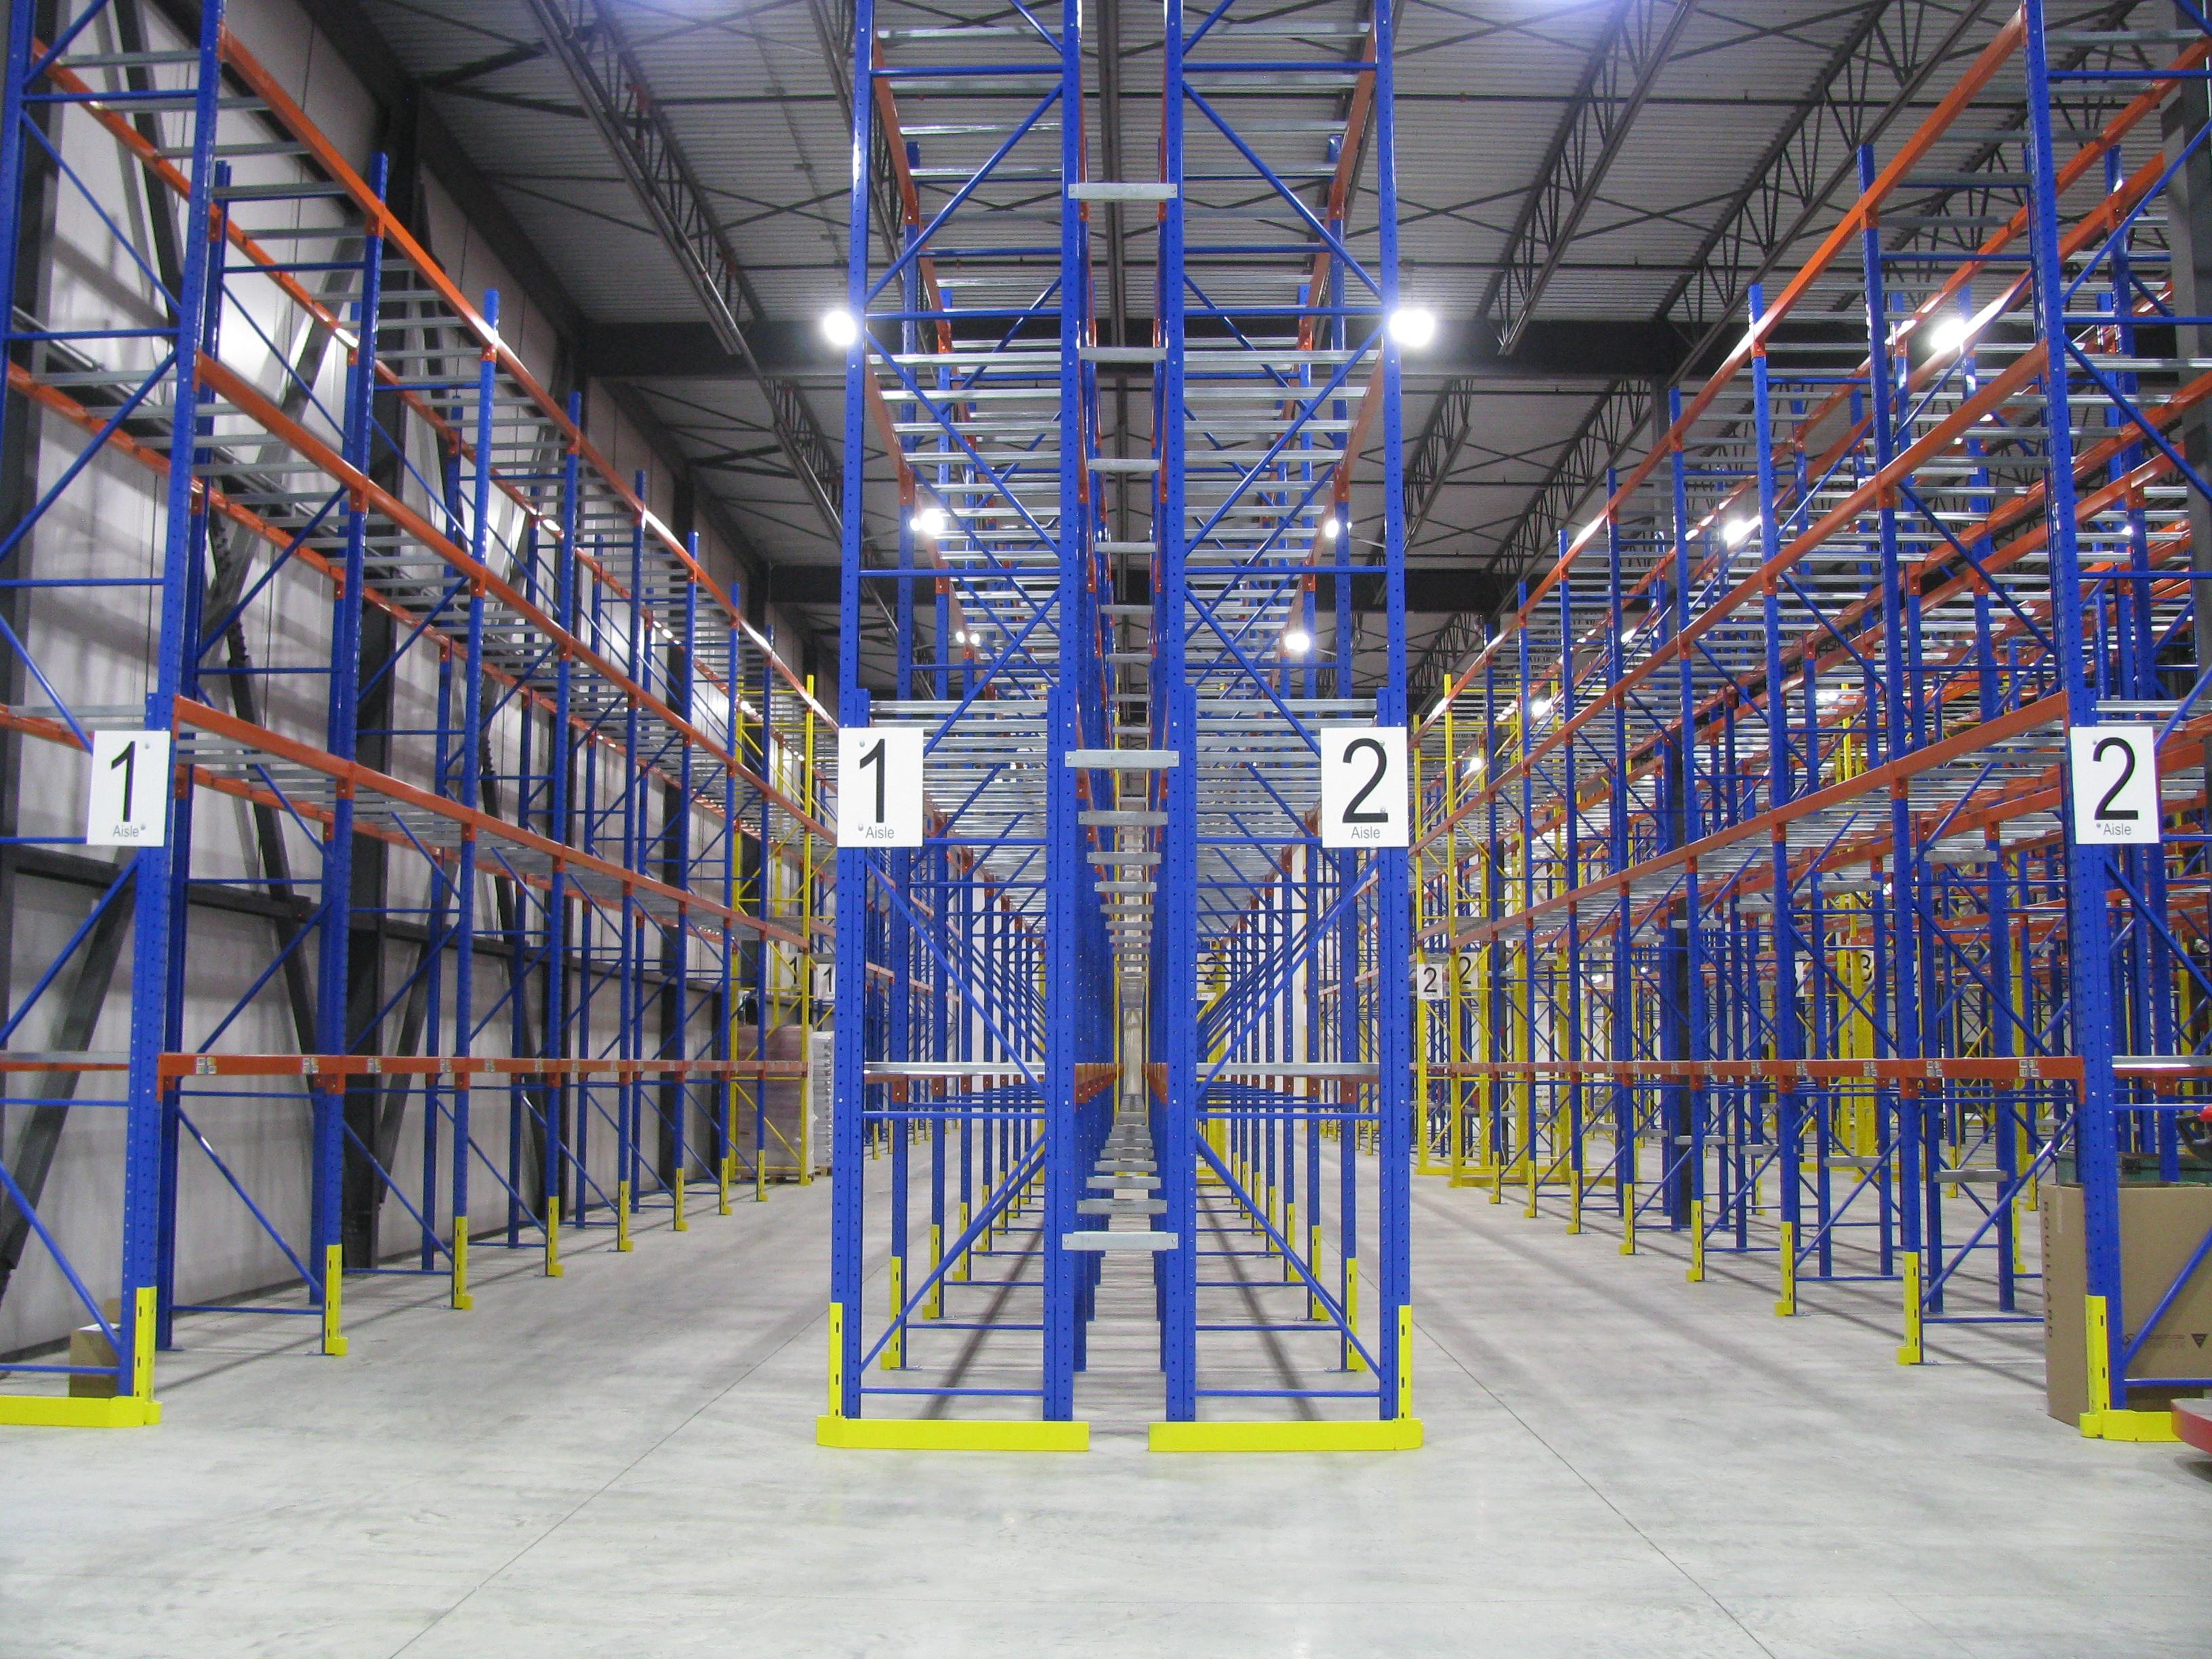 Empty storage shelves; image by Michel Toulouse, via PxHere.com, CC0.